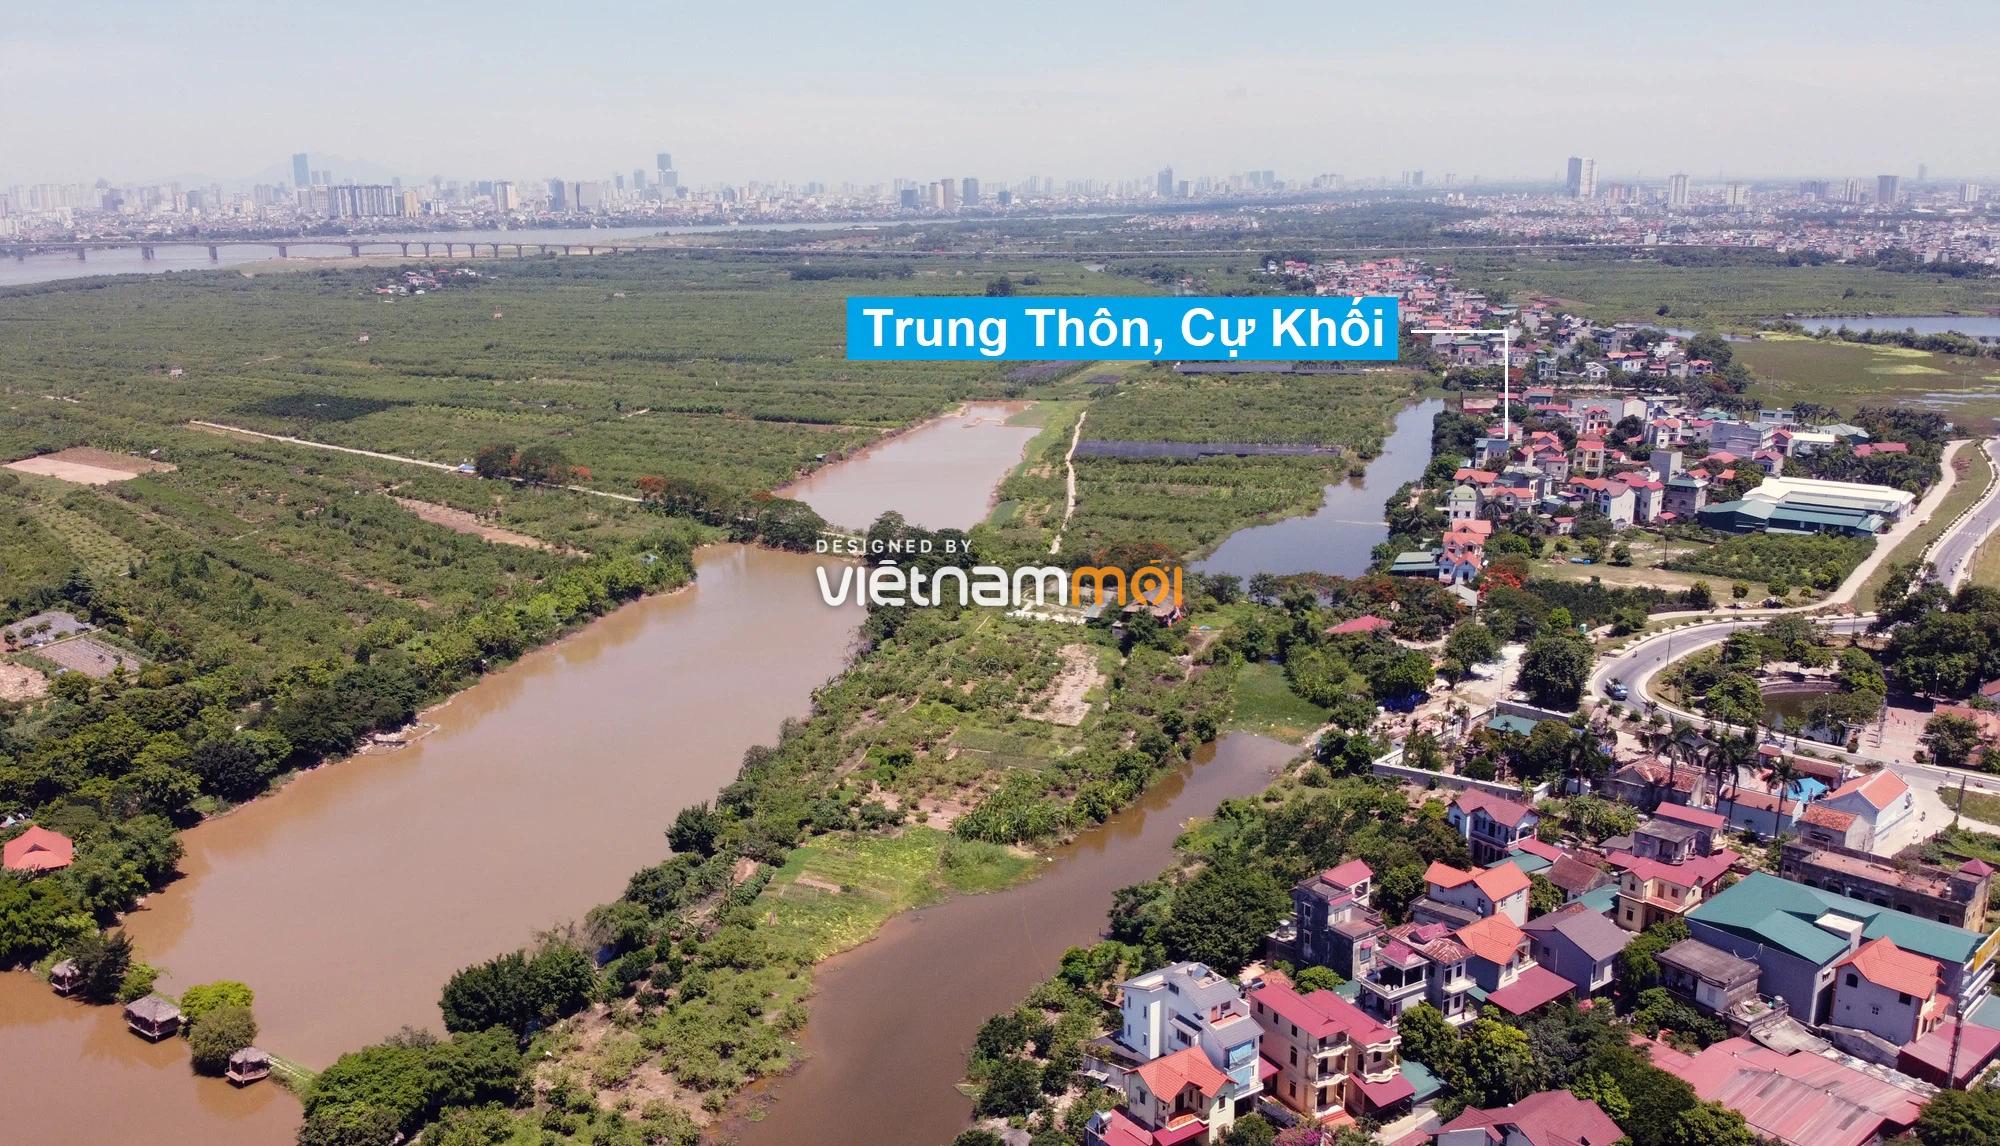 Hà Nội: Toàn cảnh hai bãi sông Hồng được phép xây dựng - Ảnh 16.